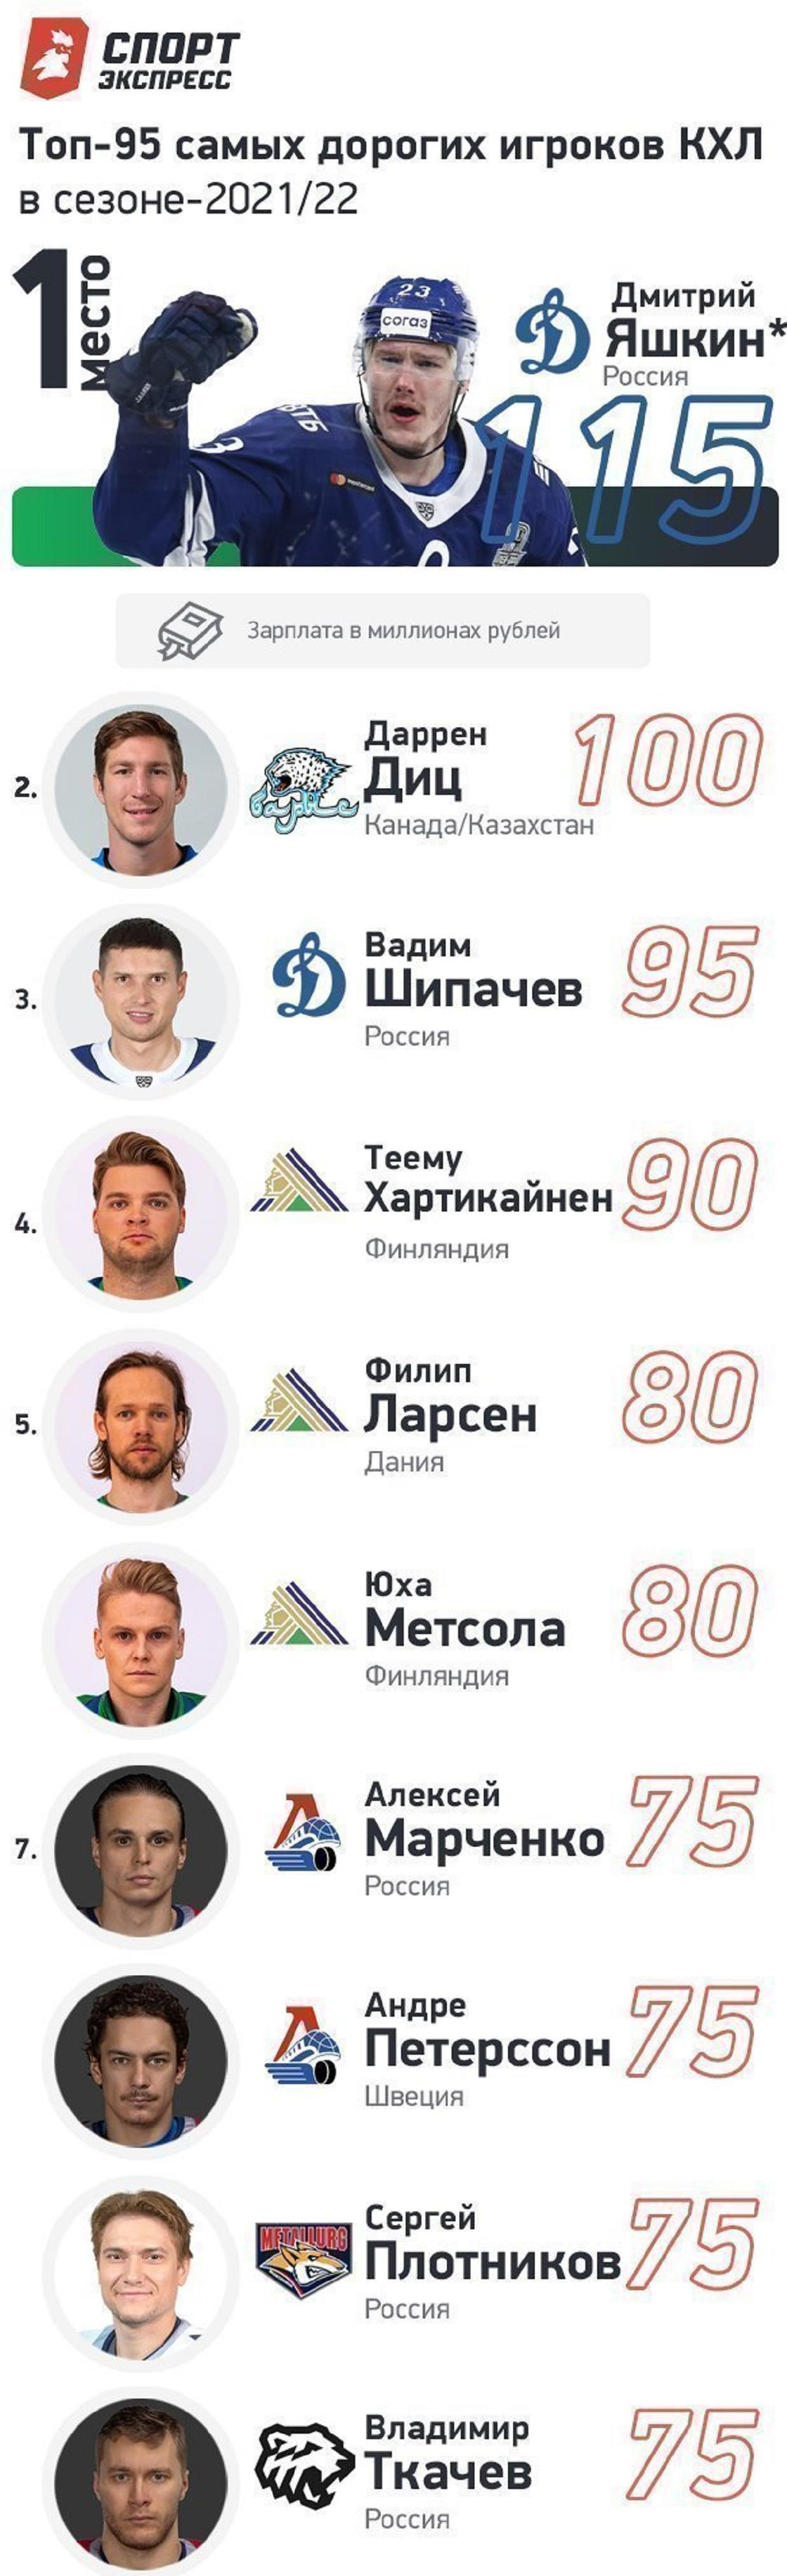 Топ-10 зарплат в КХЛ